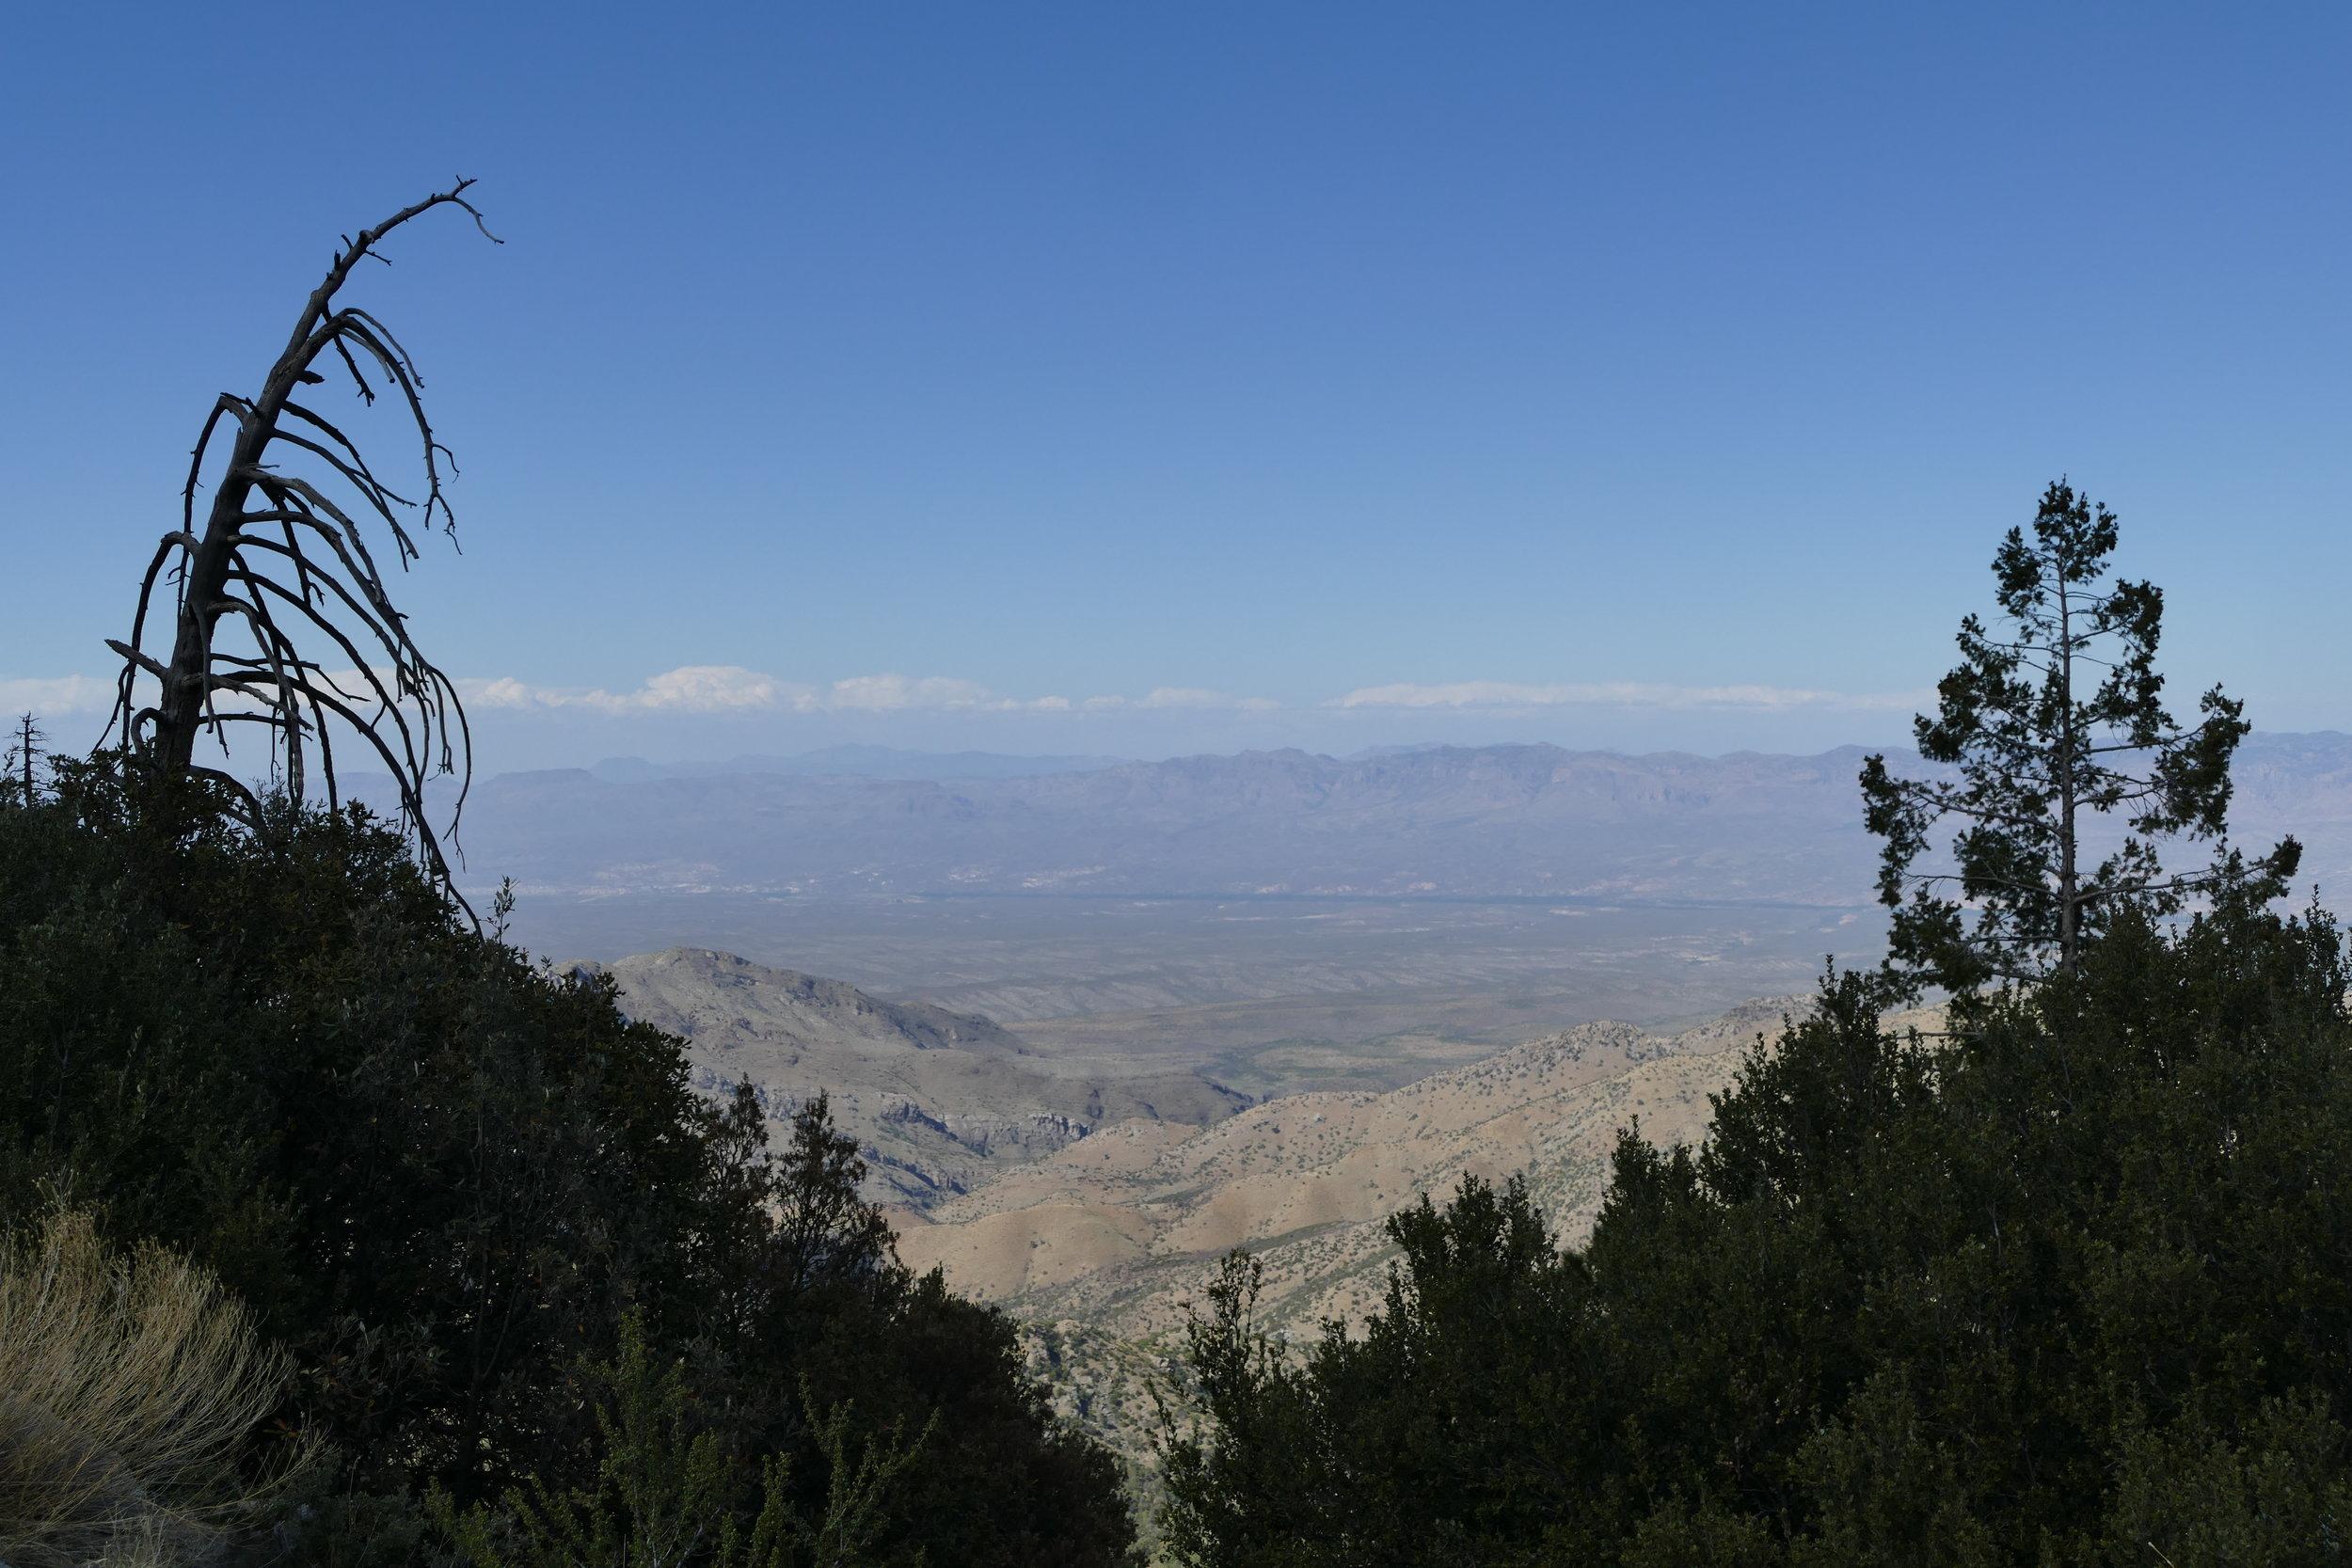 Mount Lemmon scenic vista